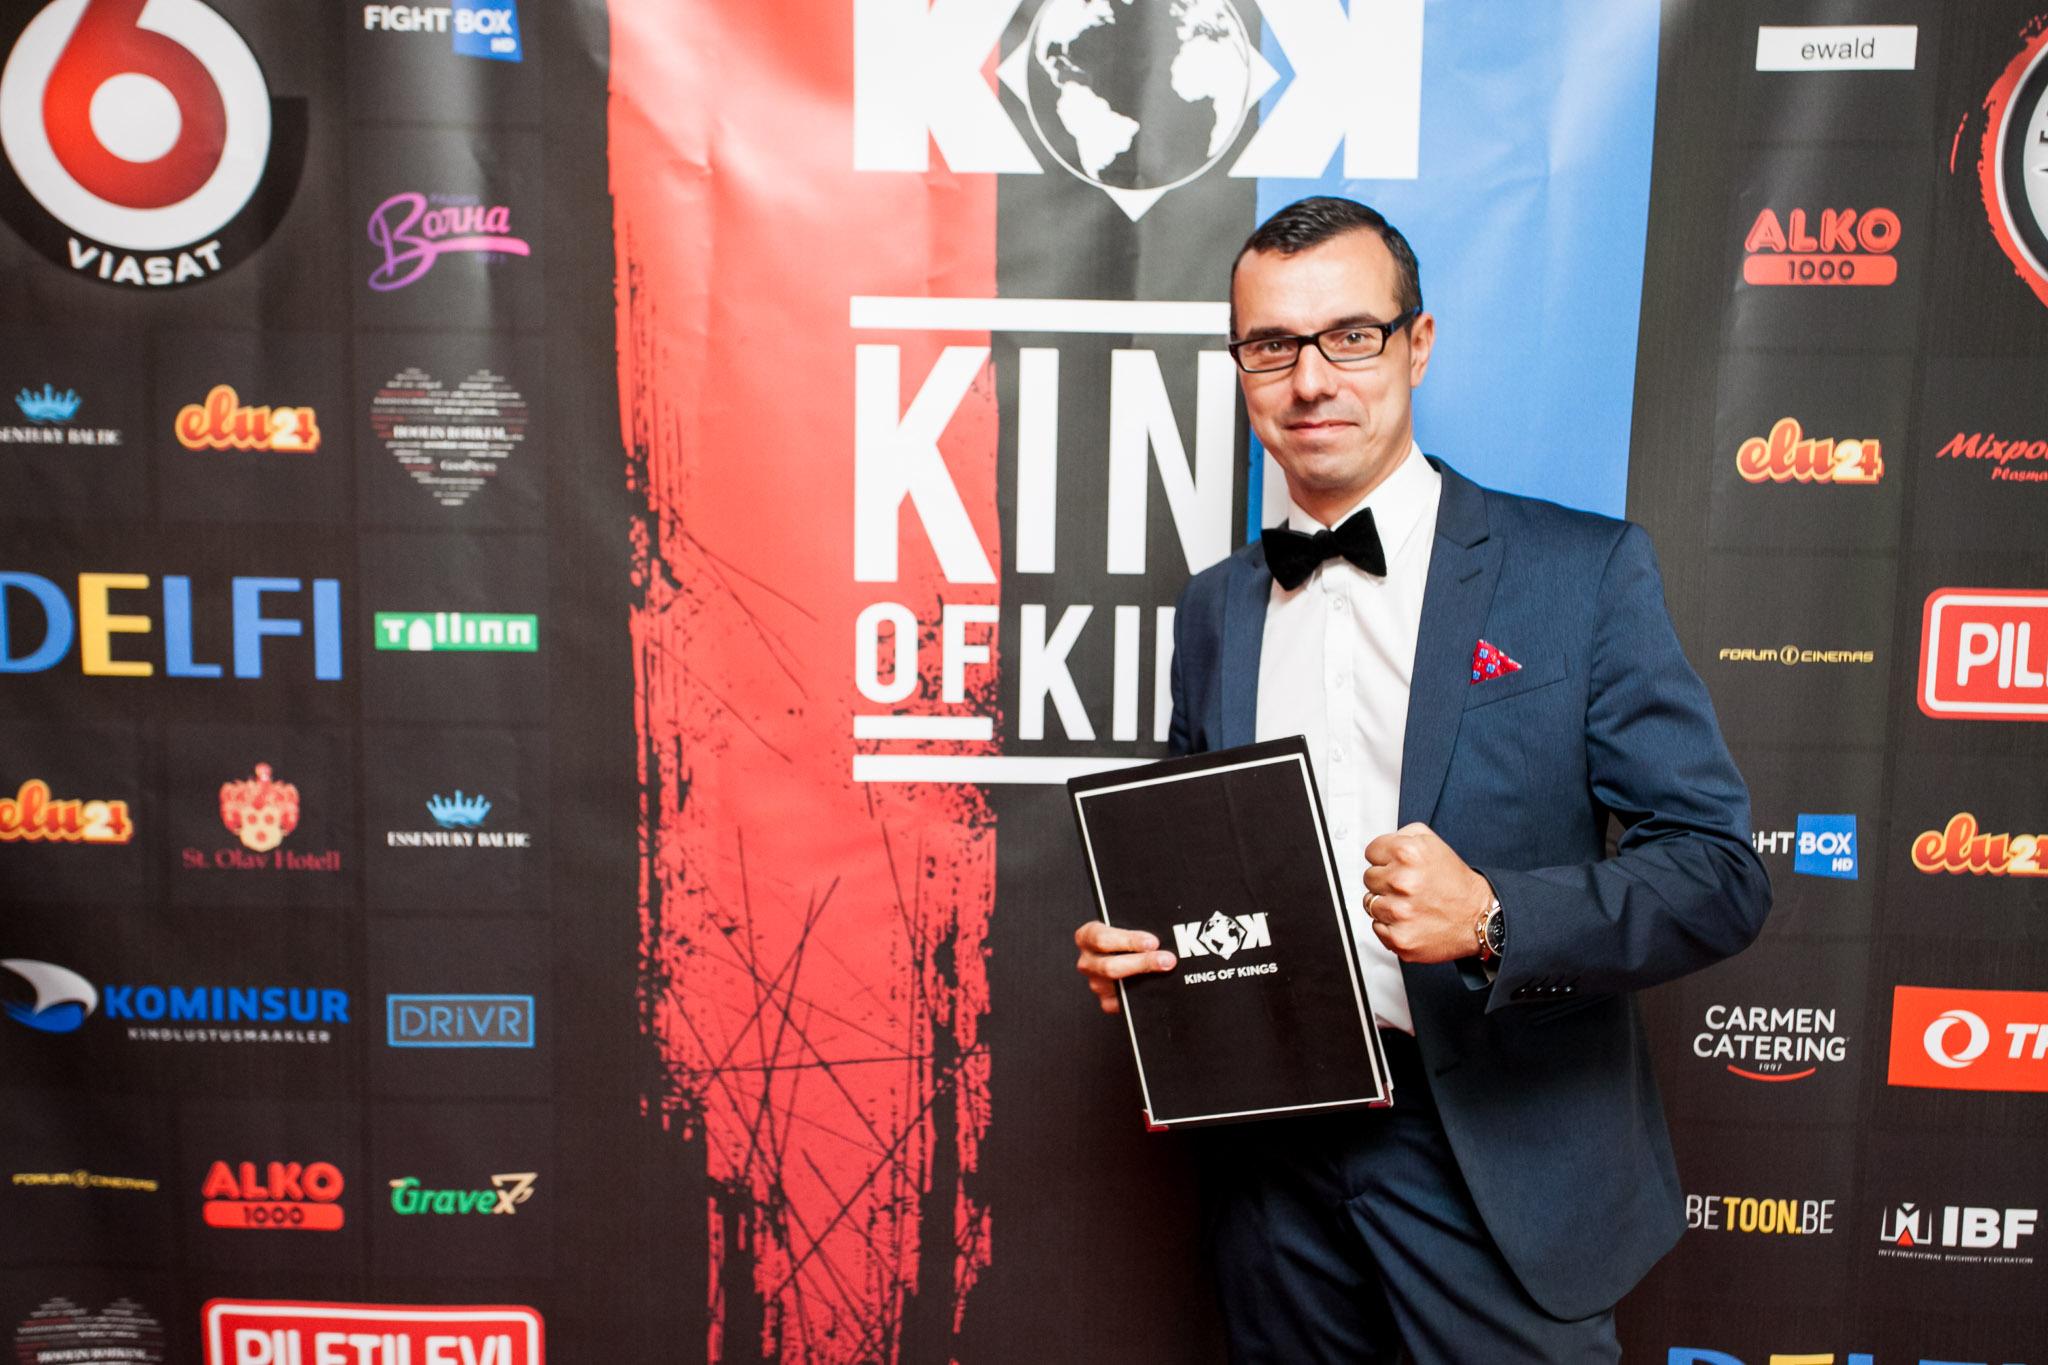 INTERVJUU! King of Kings õhtujuht Rytis Kuzmenka: võitlejatele on need kolm minutit ringis terve igavik